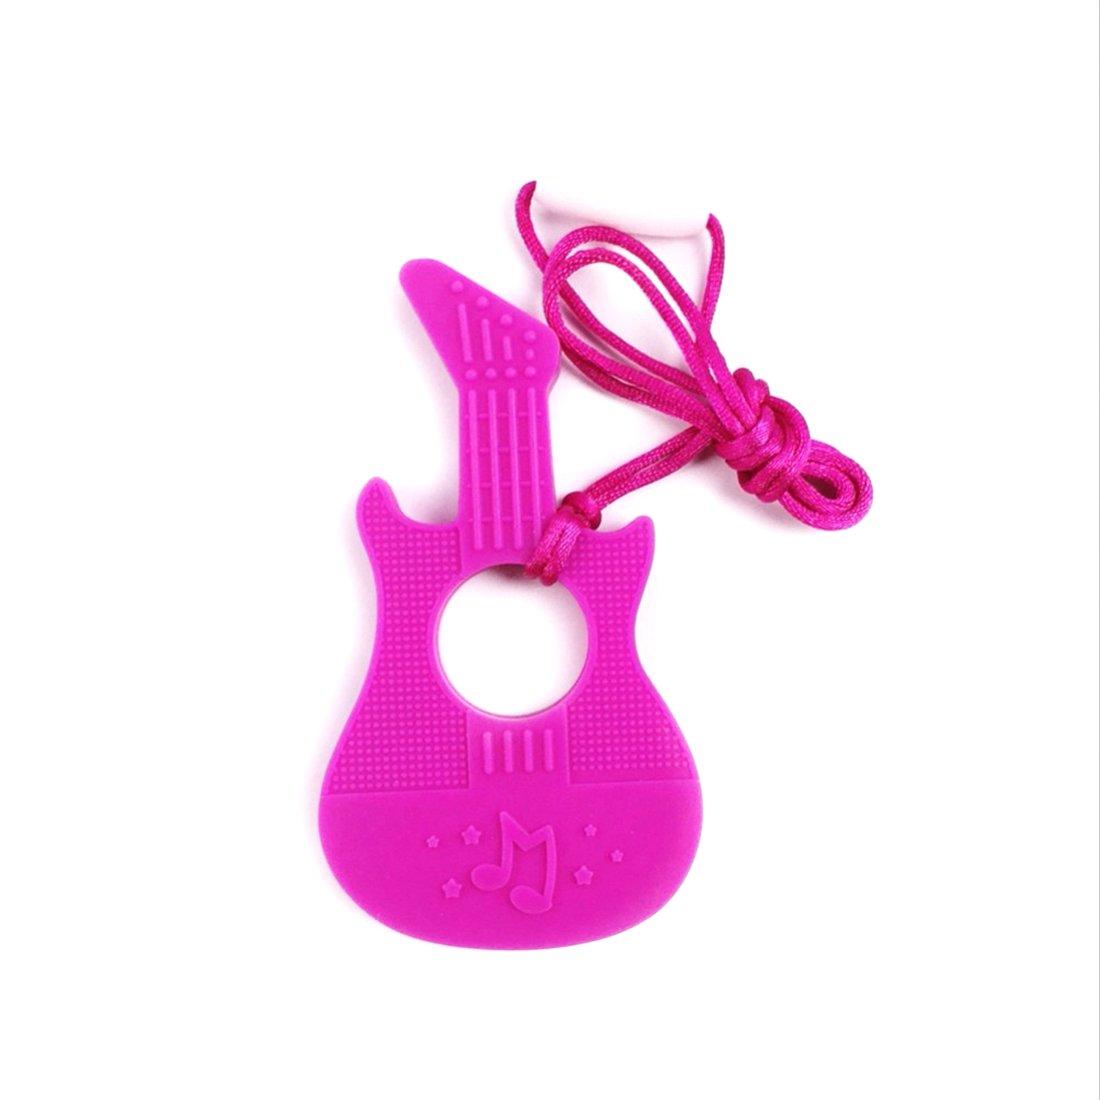 高価値セリー Baby Teether Guitar Mom Silicone Pendant Eco-friendly Teething Sensory B01KL6JMPQ Tool Teething Silicone DIY Necklace Acessory for Mom (LA217-C) by LOVEBABY B01KL6JMPQ, 山越郡:ccf685bd --- a0267596.xsph.ru